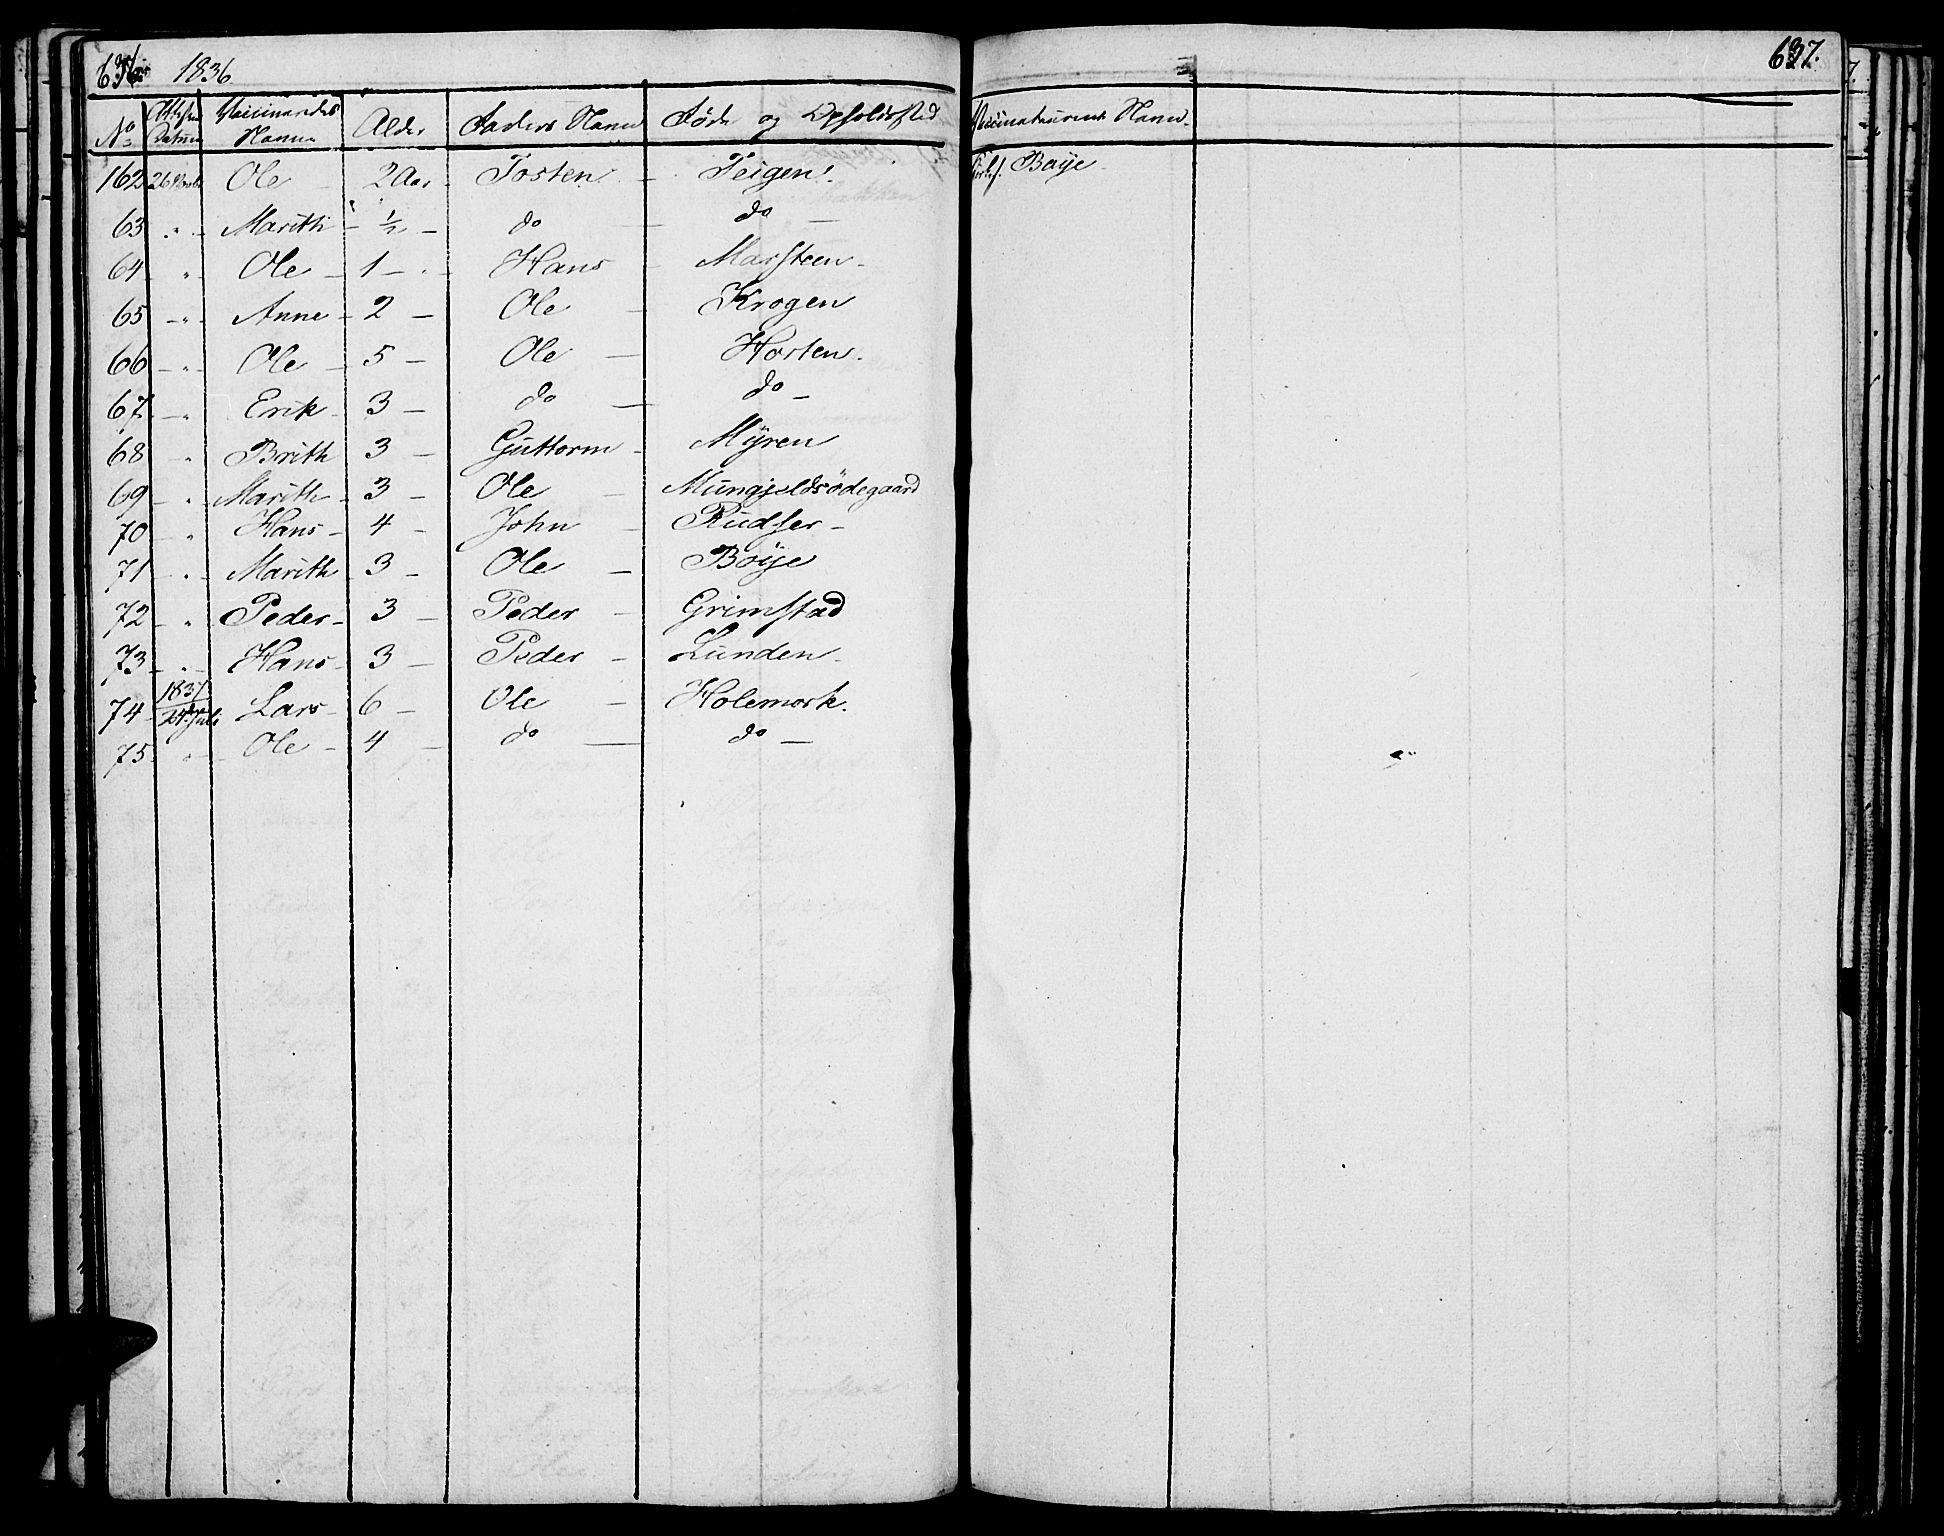 SAH, Lom prestekontor, K/L0005: Ministerialbok nr. 5, 1825-1837, s. 636-637